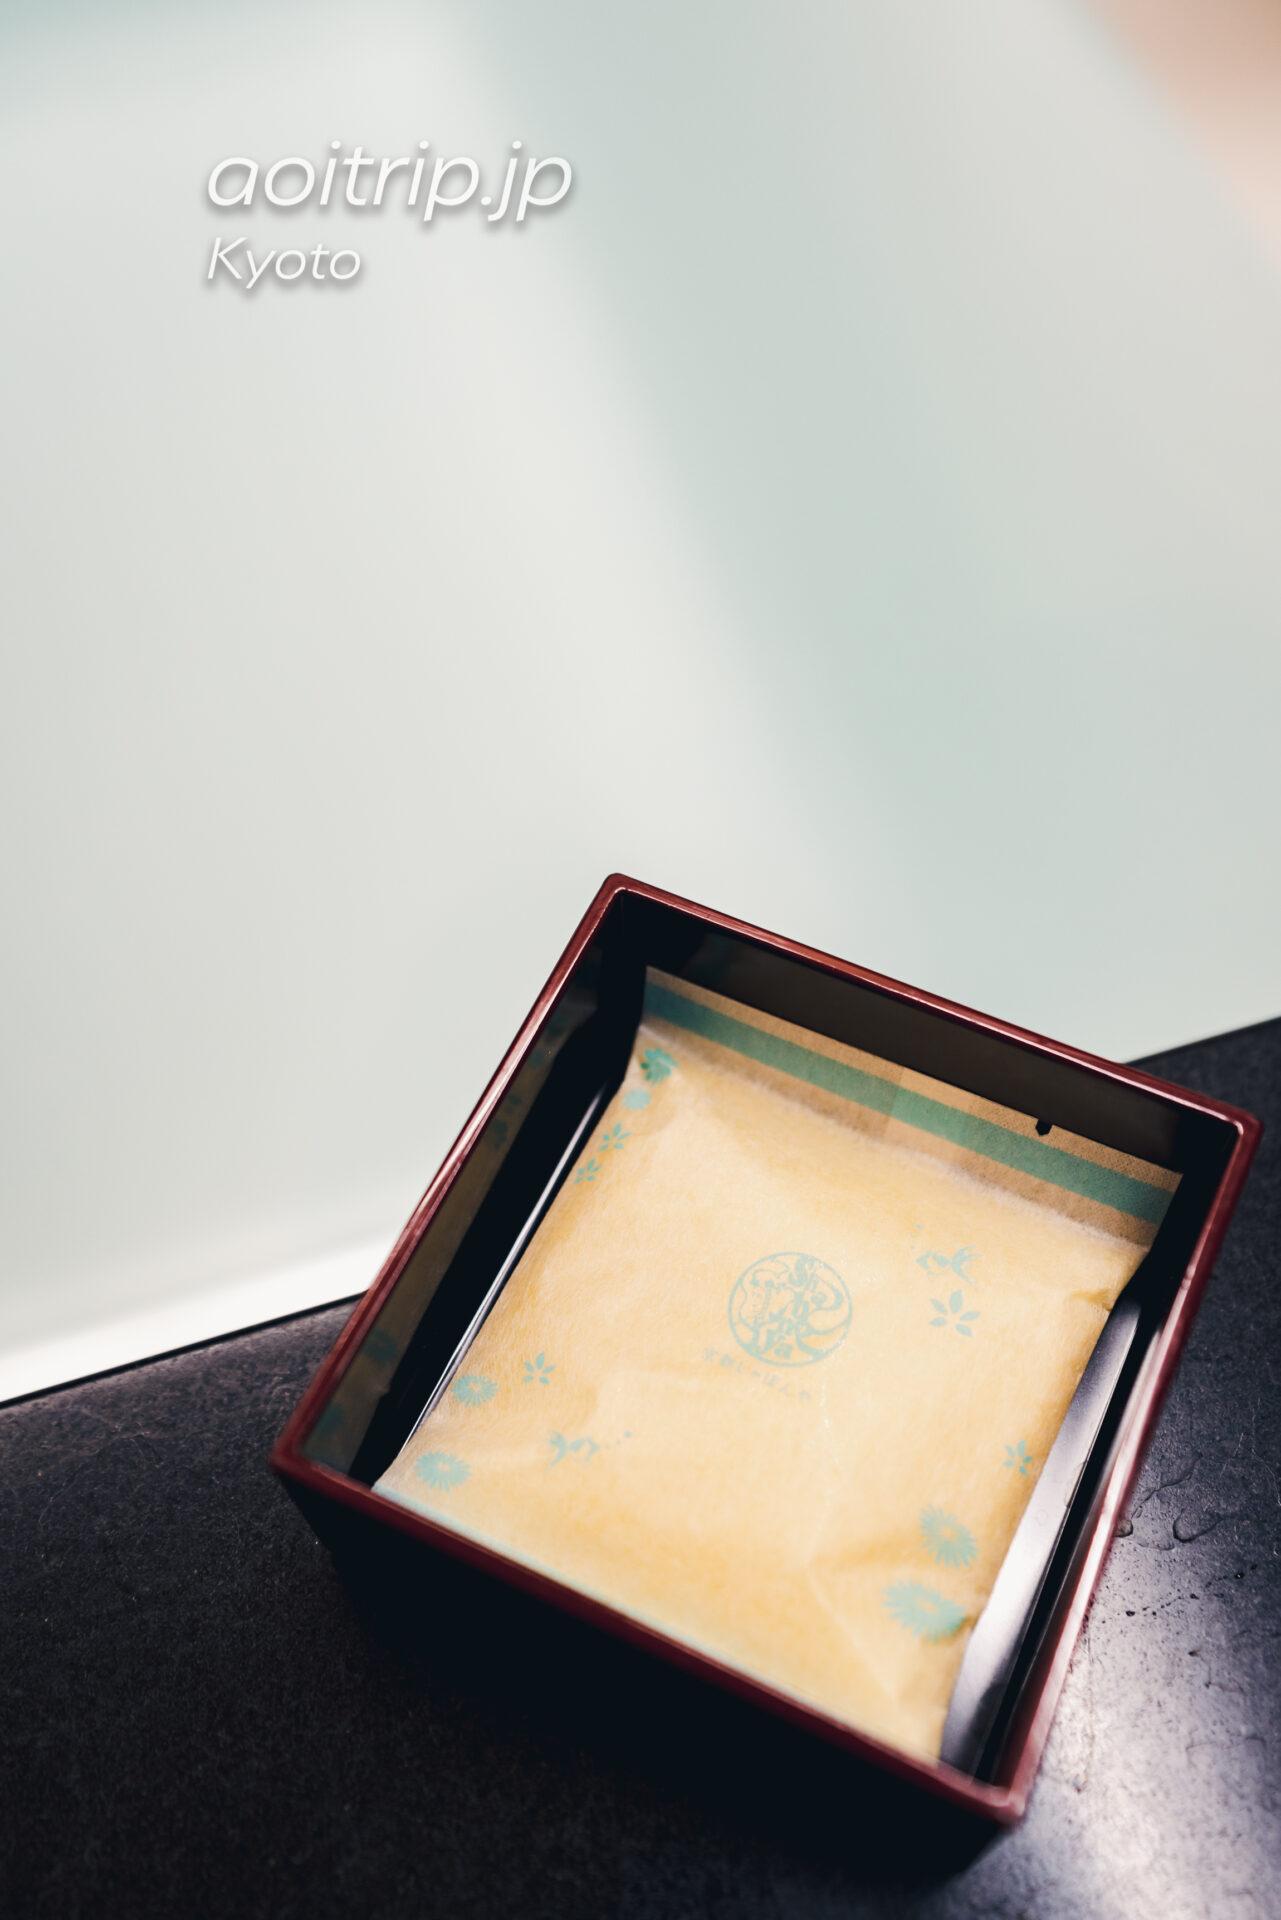 ザ リッツ カールトン京都 The Ritz-Carlton Kyoto コーナースイート KITA Courner Suite KITA 京都しゃぼんやのバスソルト 柚子ブレンド